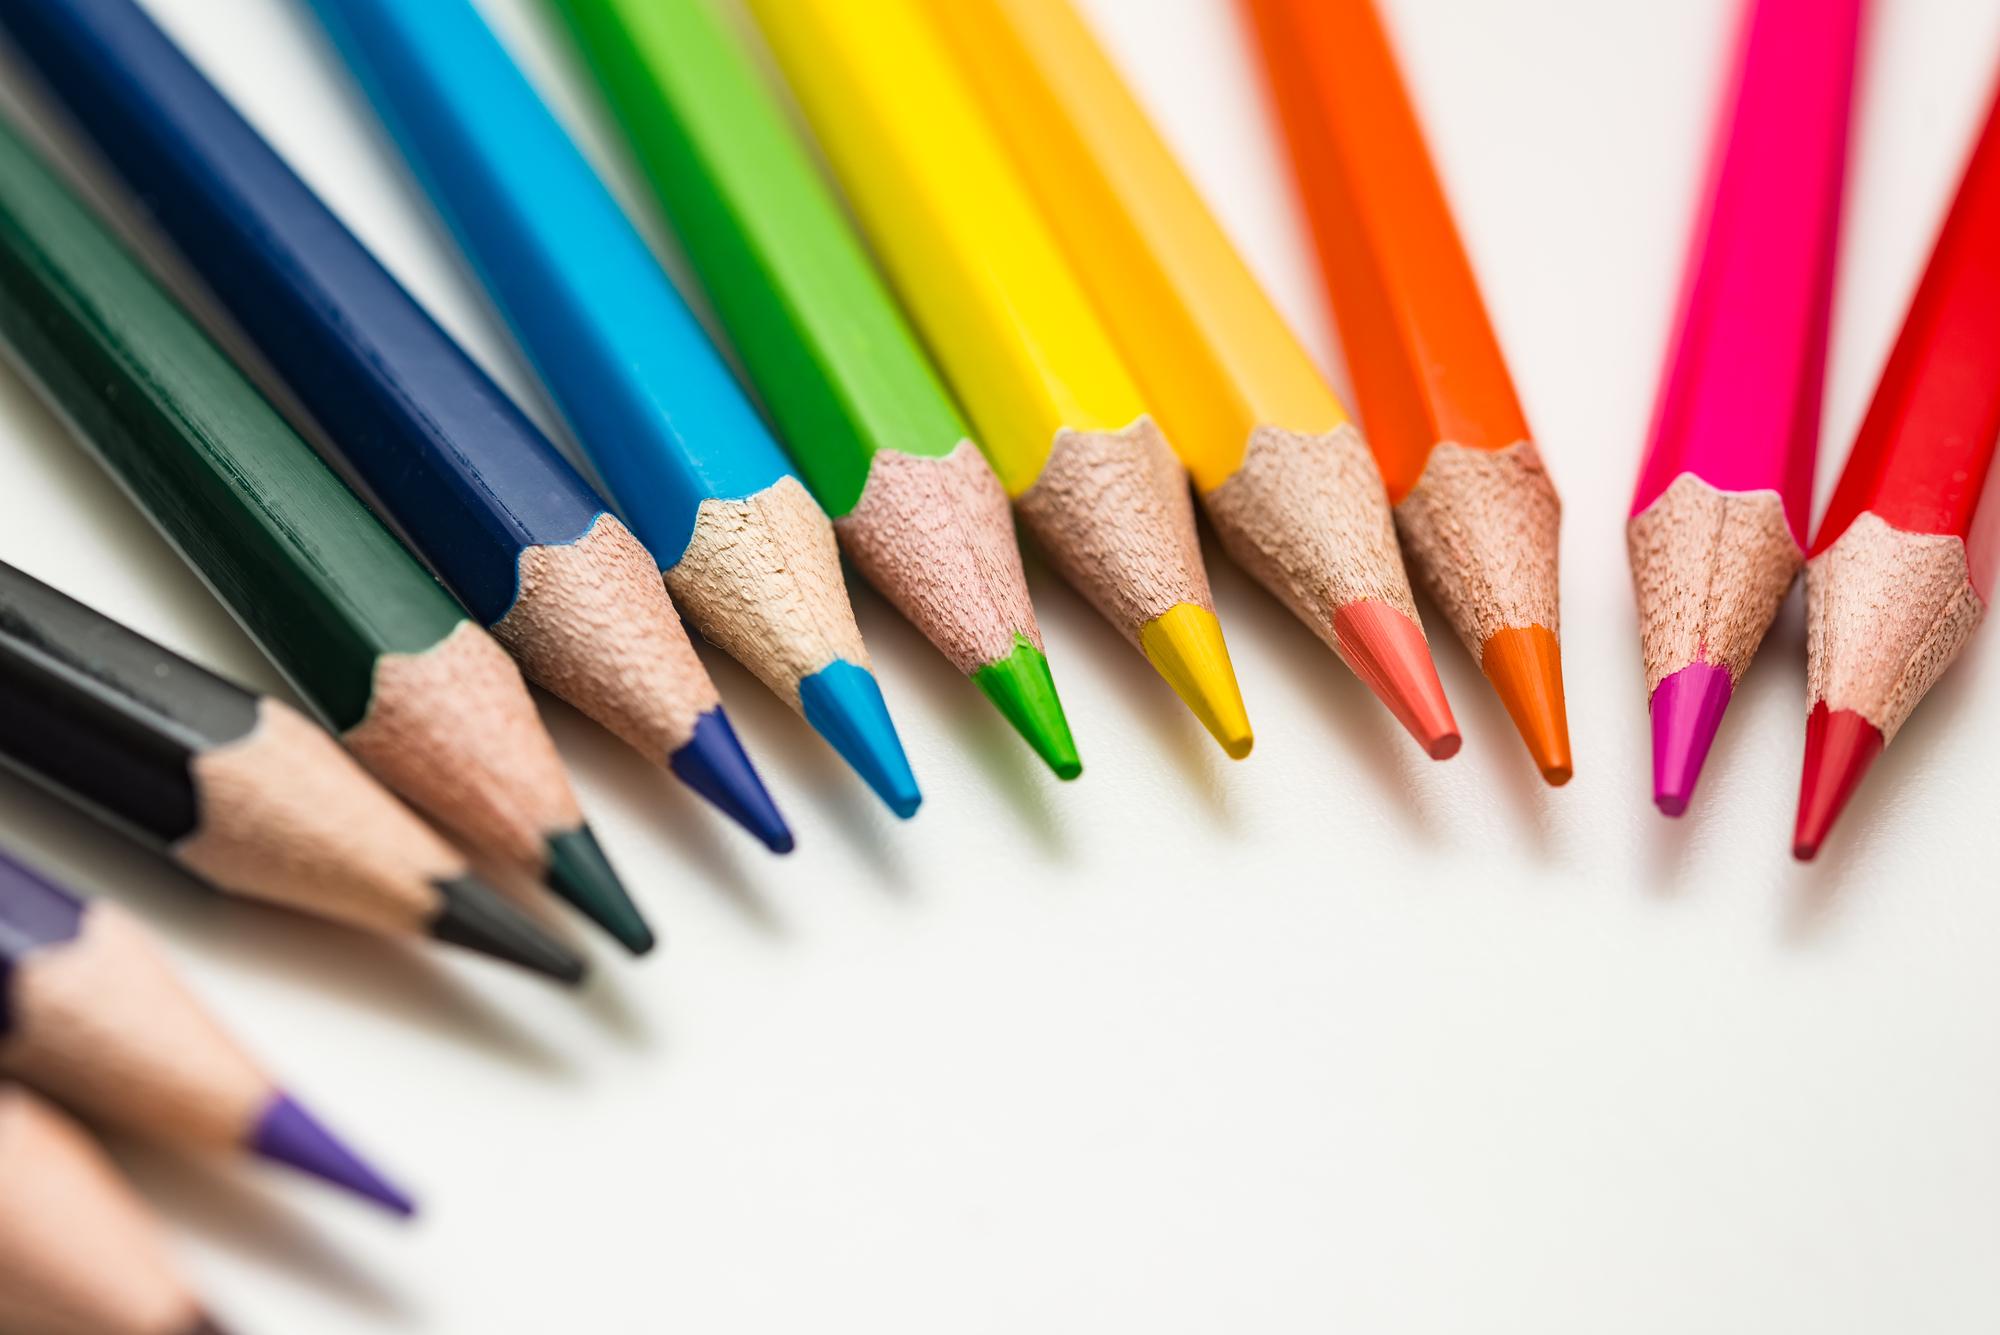 鉛筆 を なめる 意味